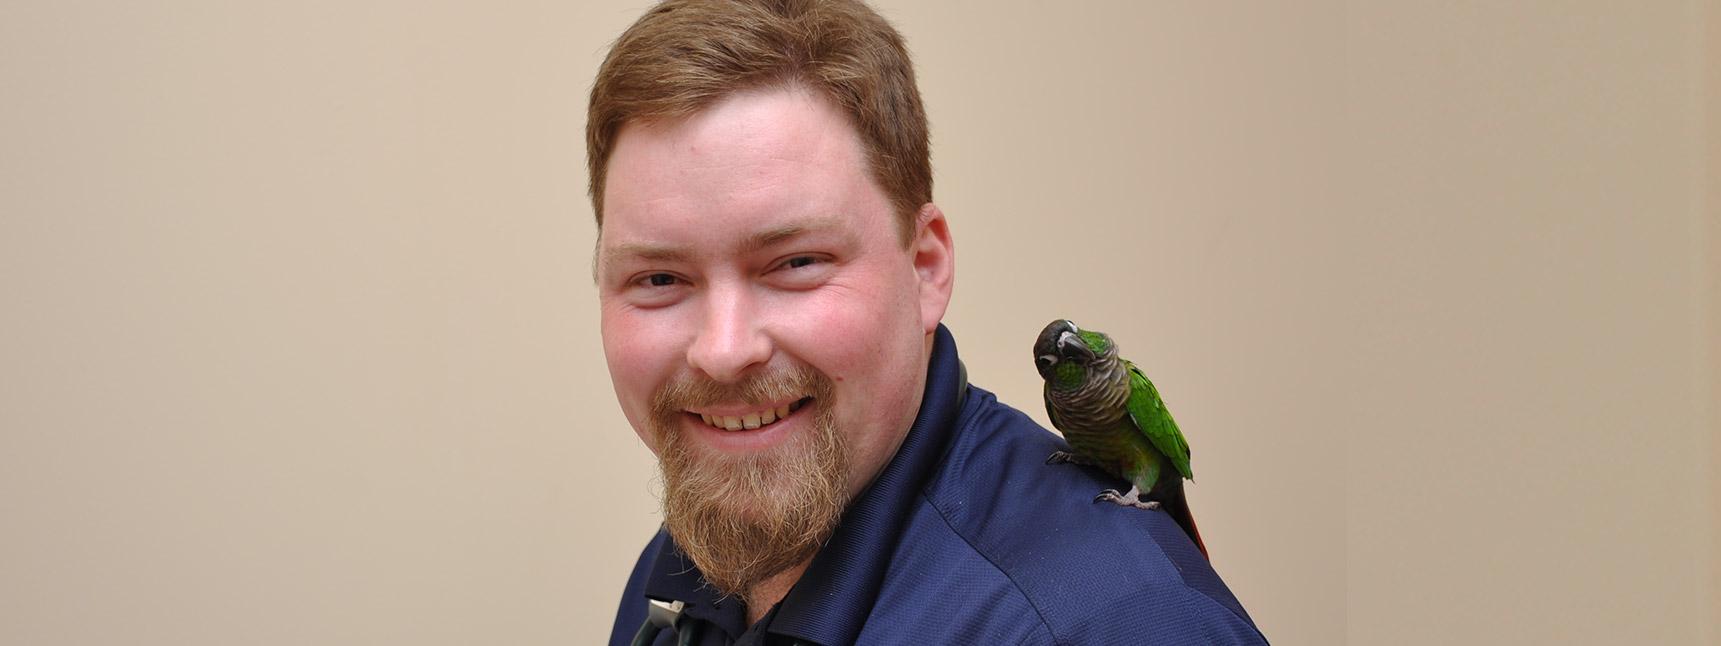 Avian Veterinarian in Tolland County CT